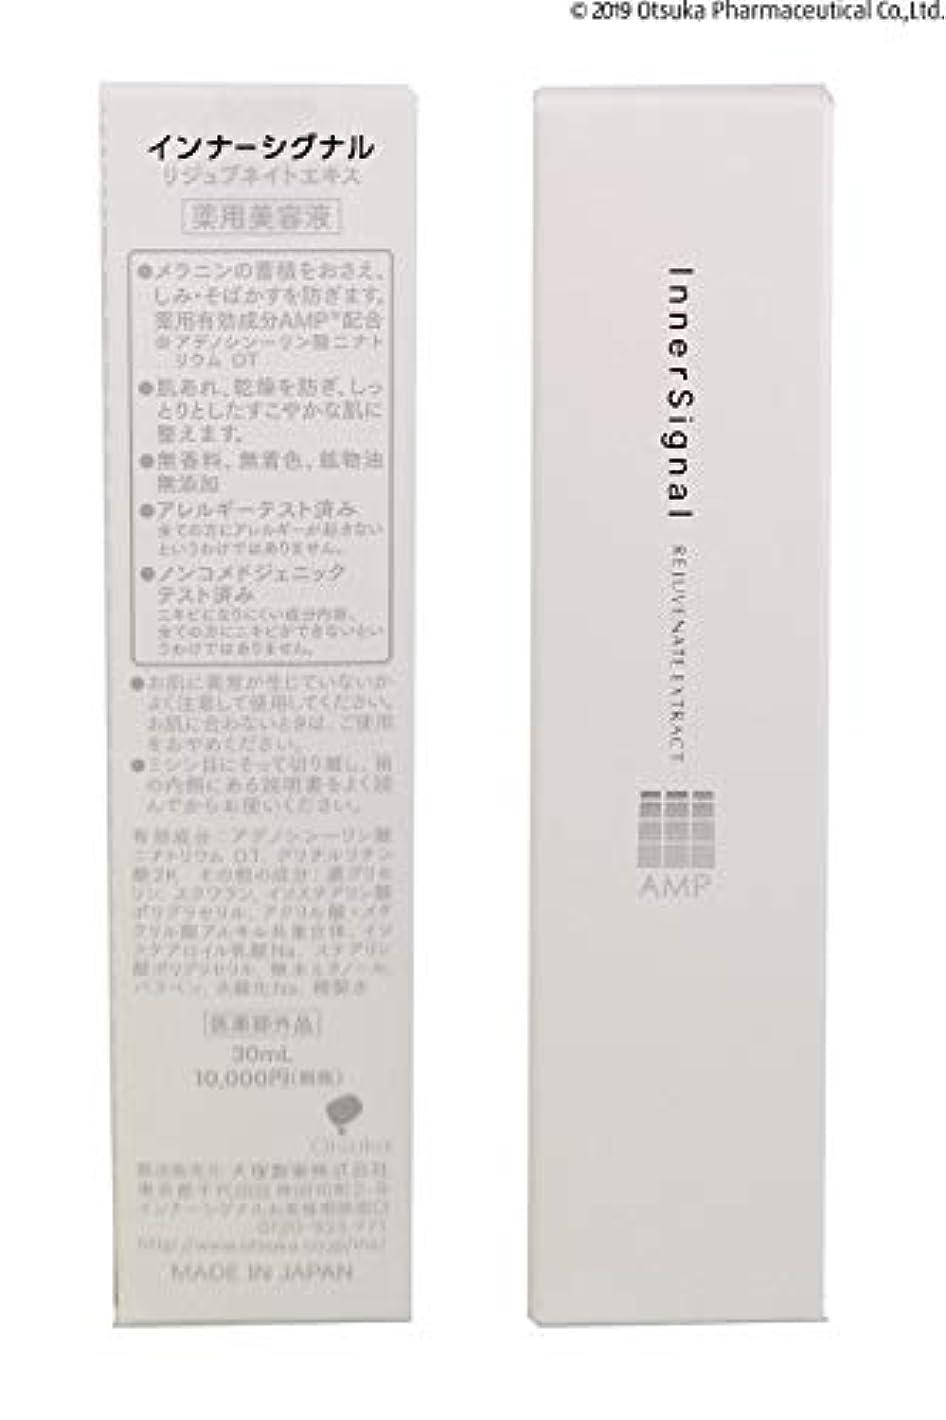 から地下室ペニー大塚製薬 【医薬部外品】 インナーシグナル エキス 30mL (薬用美容液)52981